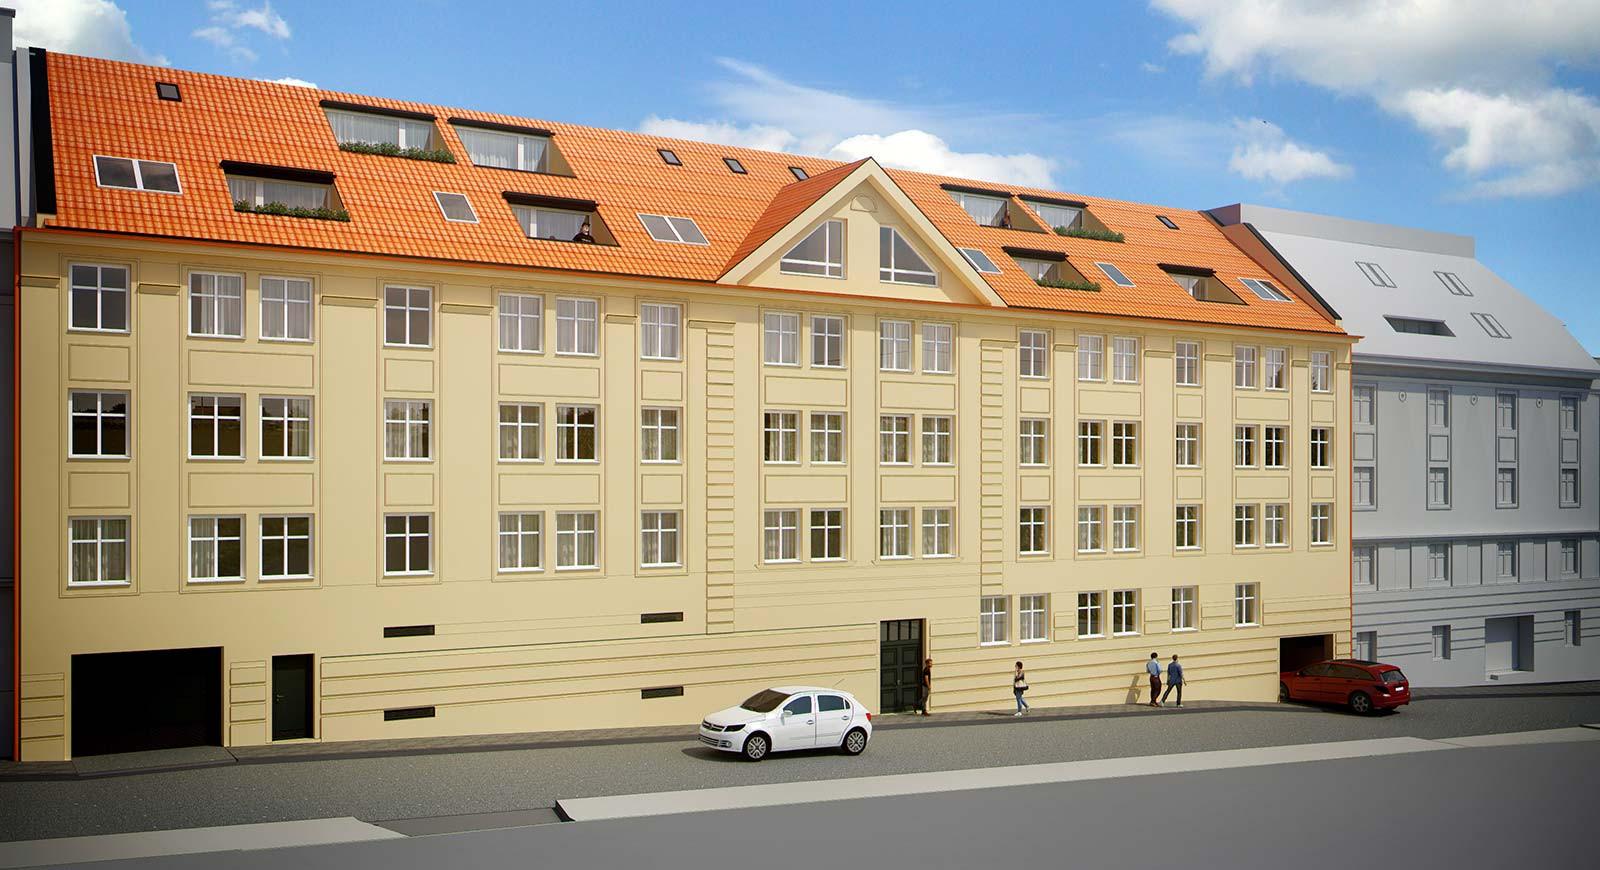 Byt, 1 - izbový, 47.14m2, Bratislava I - StaréMesto, Beskydská ulica